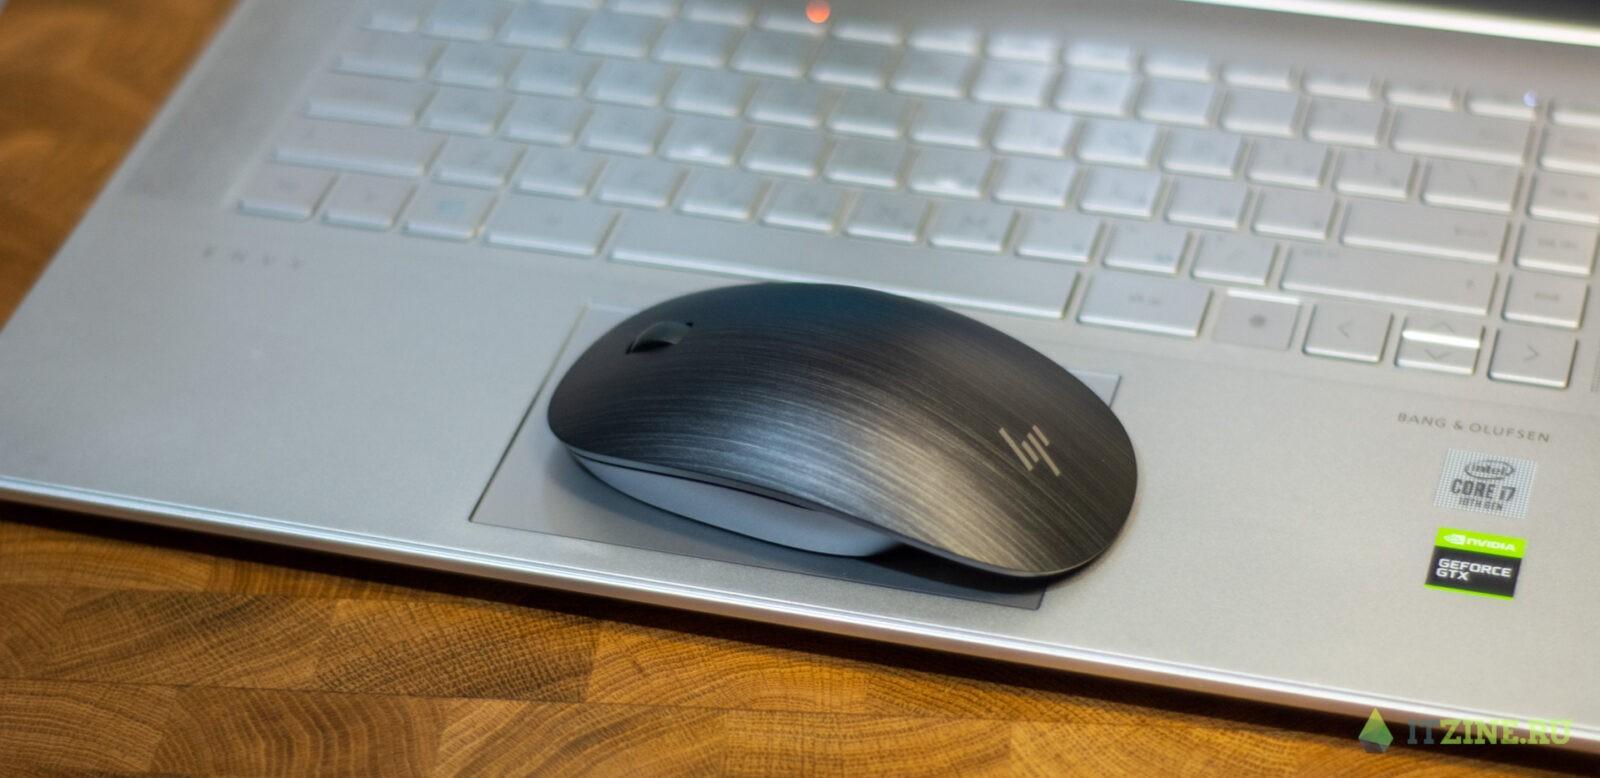 Обзор ноутбука HP Envy 15: мощь для создателей графического контента (hp envy 24)